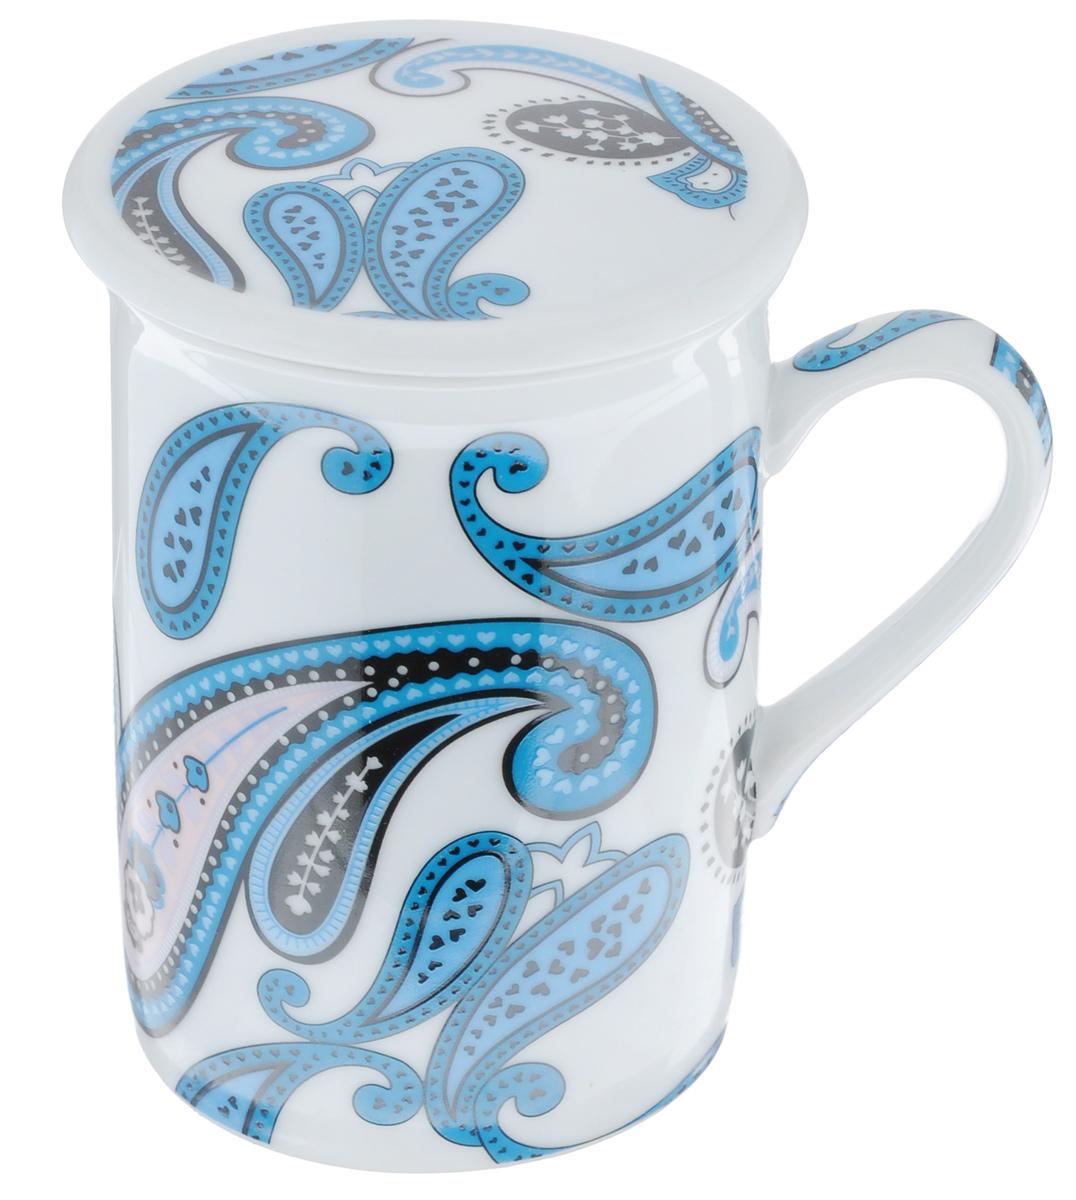 Кружка заварочная LarangE Пейсли, цвет: белый, синий, 330 млFS-91909Заварочная кружка LarangE Пейсли изготовлена из высококачественного фарфора.Внешние стенки оформлены ярким рисунком. Изделие оснащено съемнымметаллическим фильтром и фарфоровой крышкой. Заварочная кружка поможет быстро и вкусно заварить чай на одну порцию, не используязаварочный чайник.Такой набор станет хорошим подарком, а также придаст кухонному интерьеруособый колорит.Объем кружки: 330 мл. Диаметр кружки (по верхнему краю): 7,5 см.Высота стенки кружки: 10 см.Глубина ситечка: 5 см.Не рекомендуется применять абразивные моющие средства.